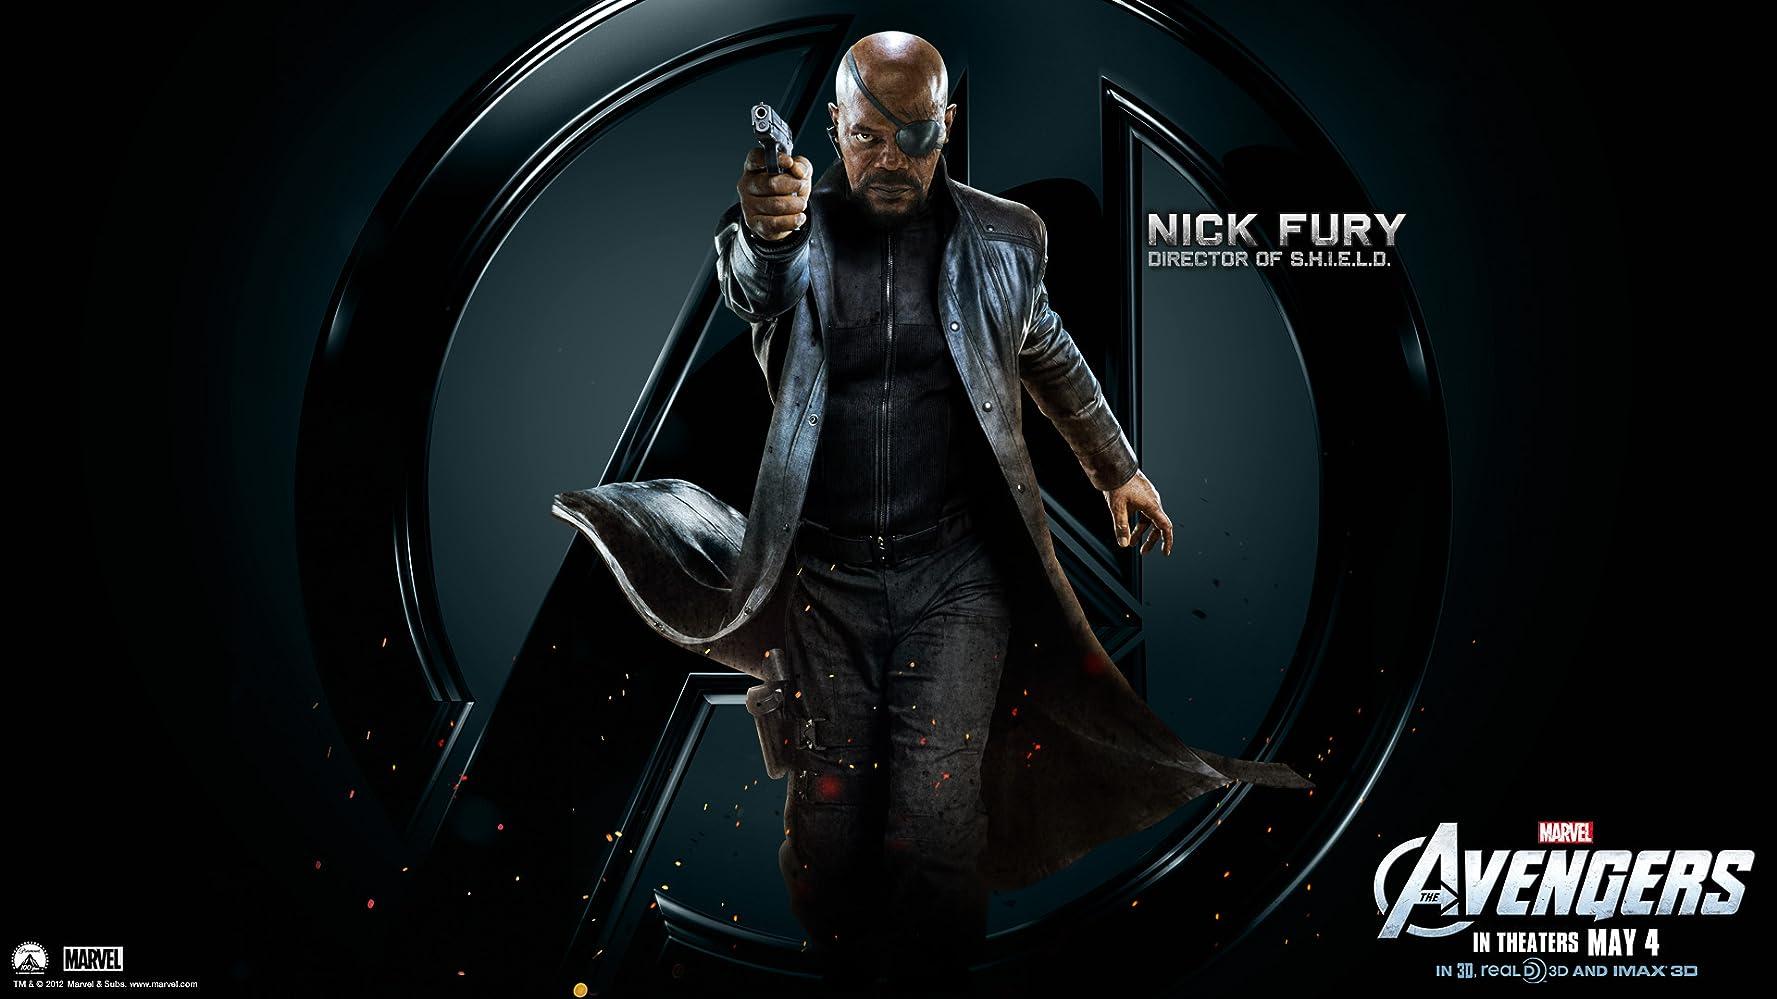 Samuel L. Jackson in The Avengers (2012)